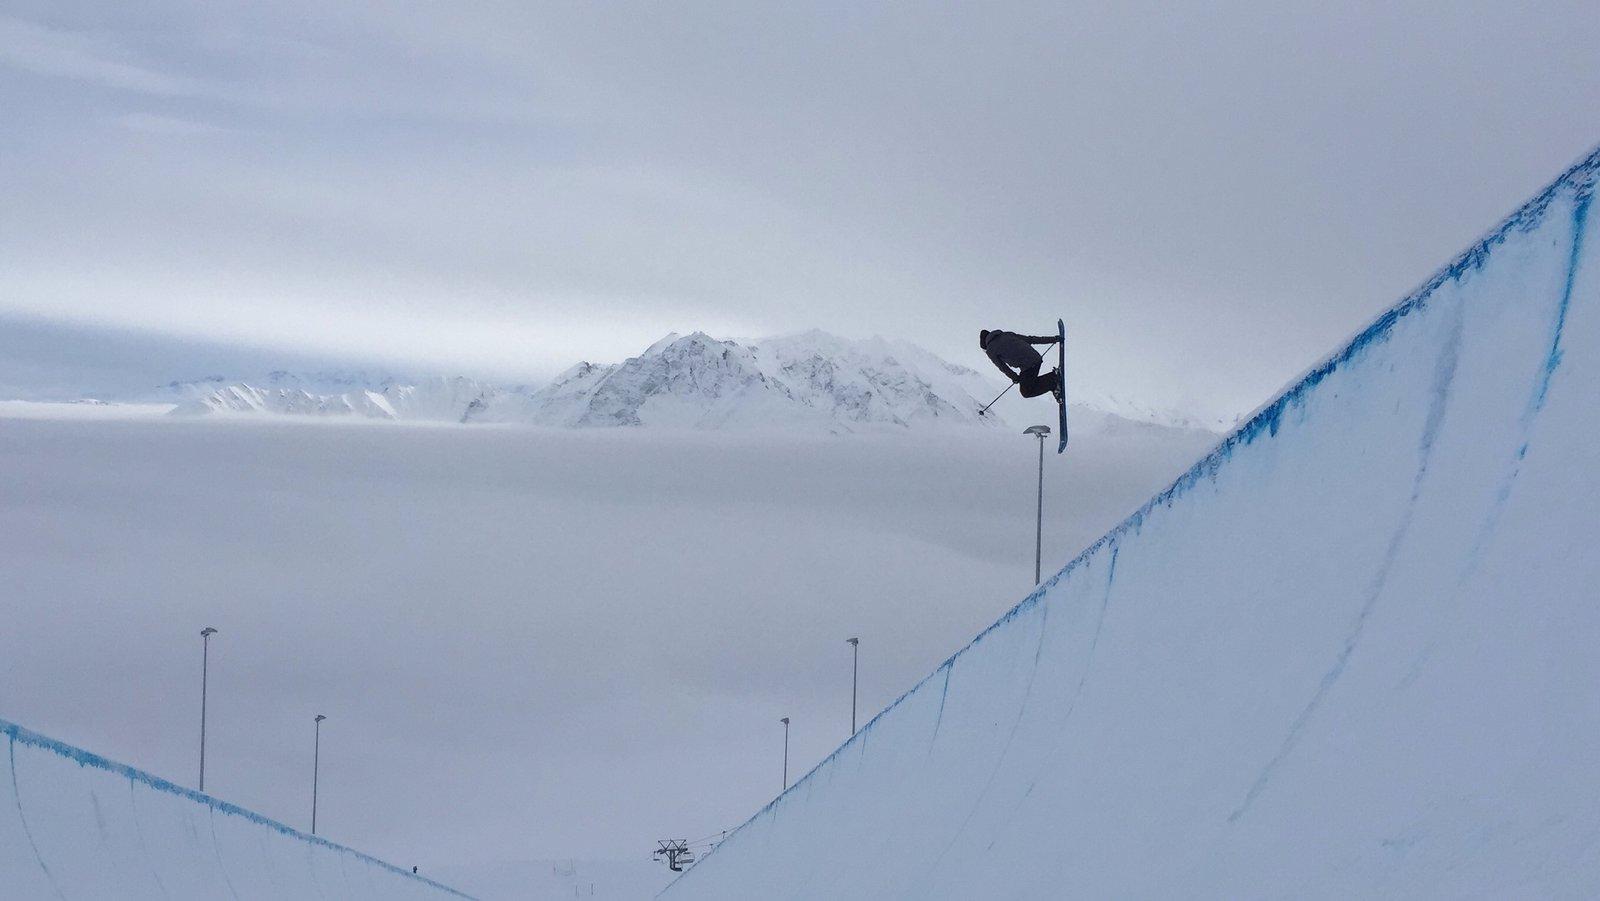 Cloud in laax